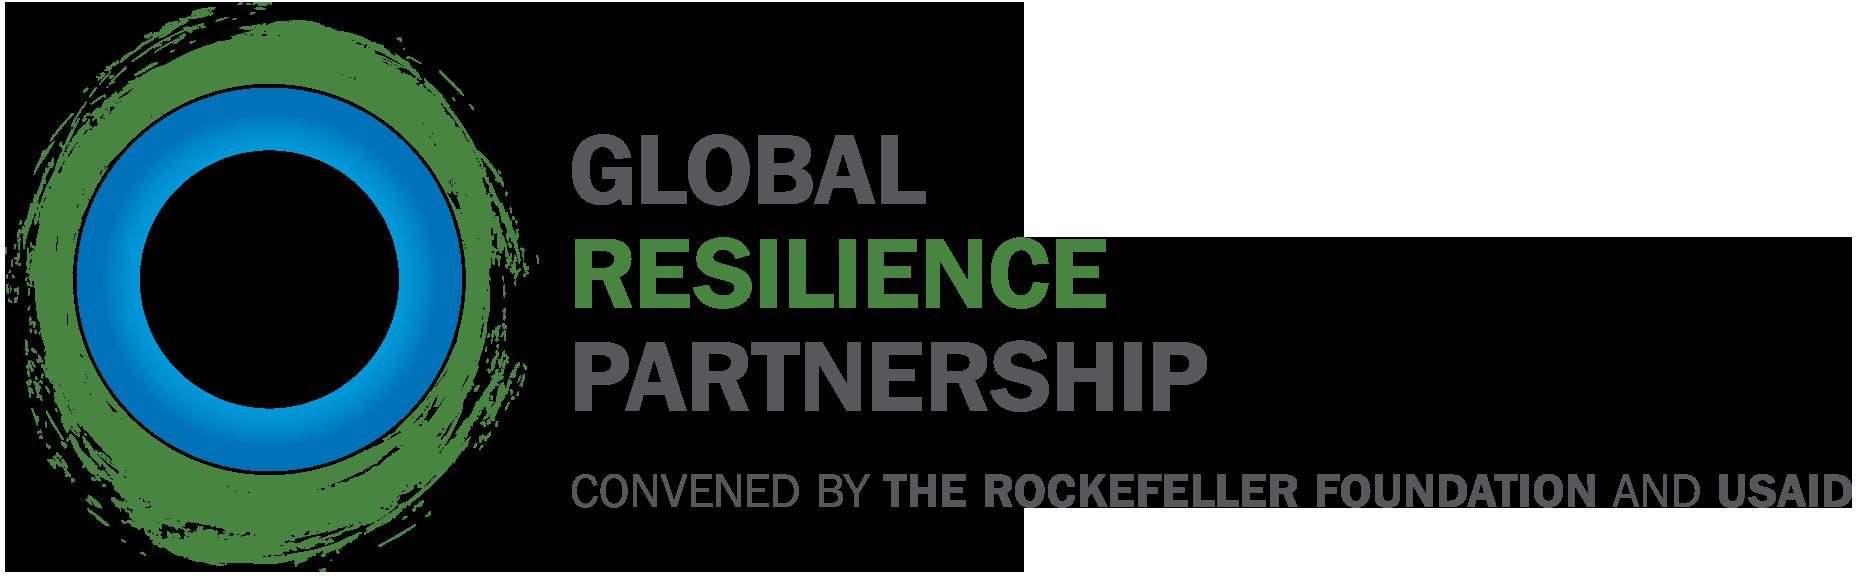 Le Partenariat mondial pour la résilience sollicite des demandes de subventions à des fins de collaboration